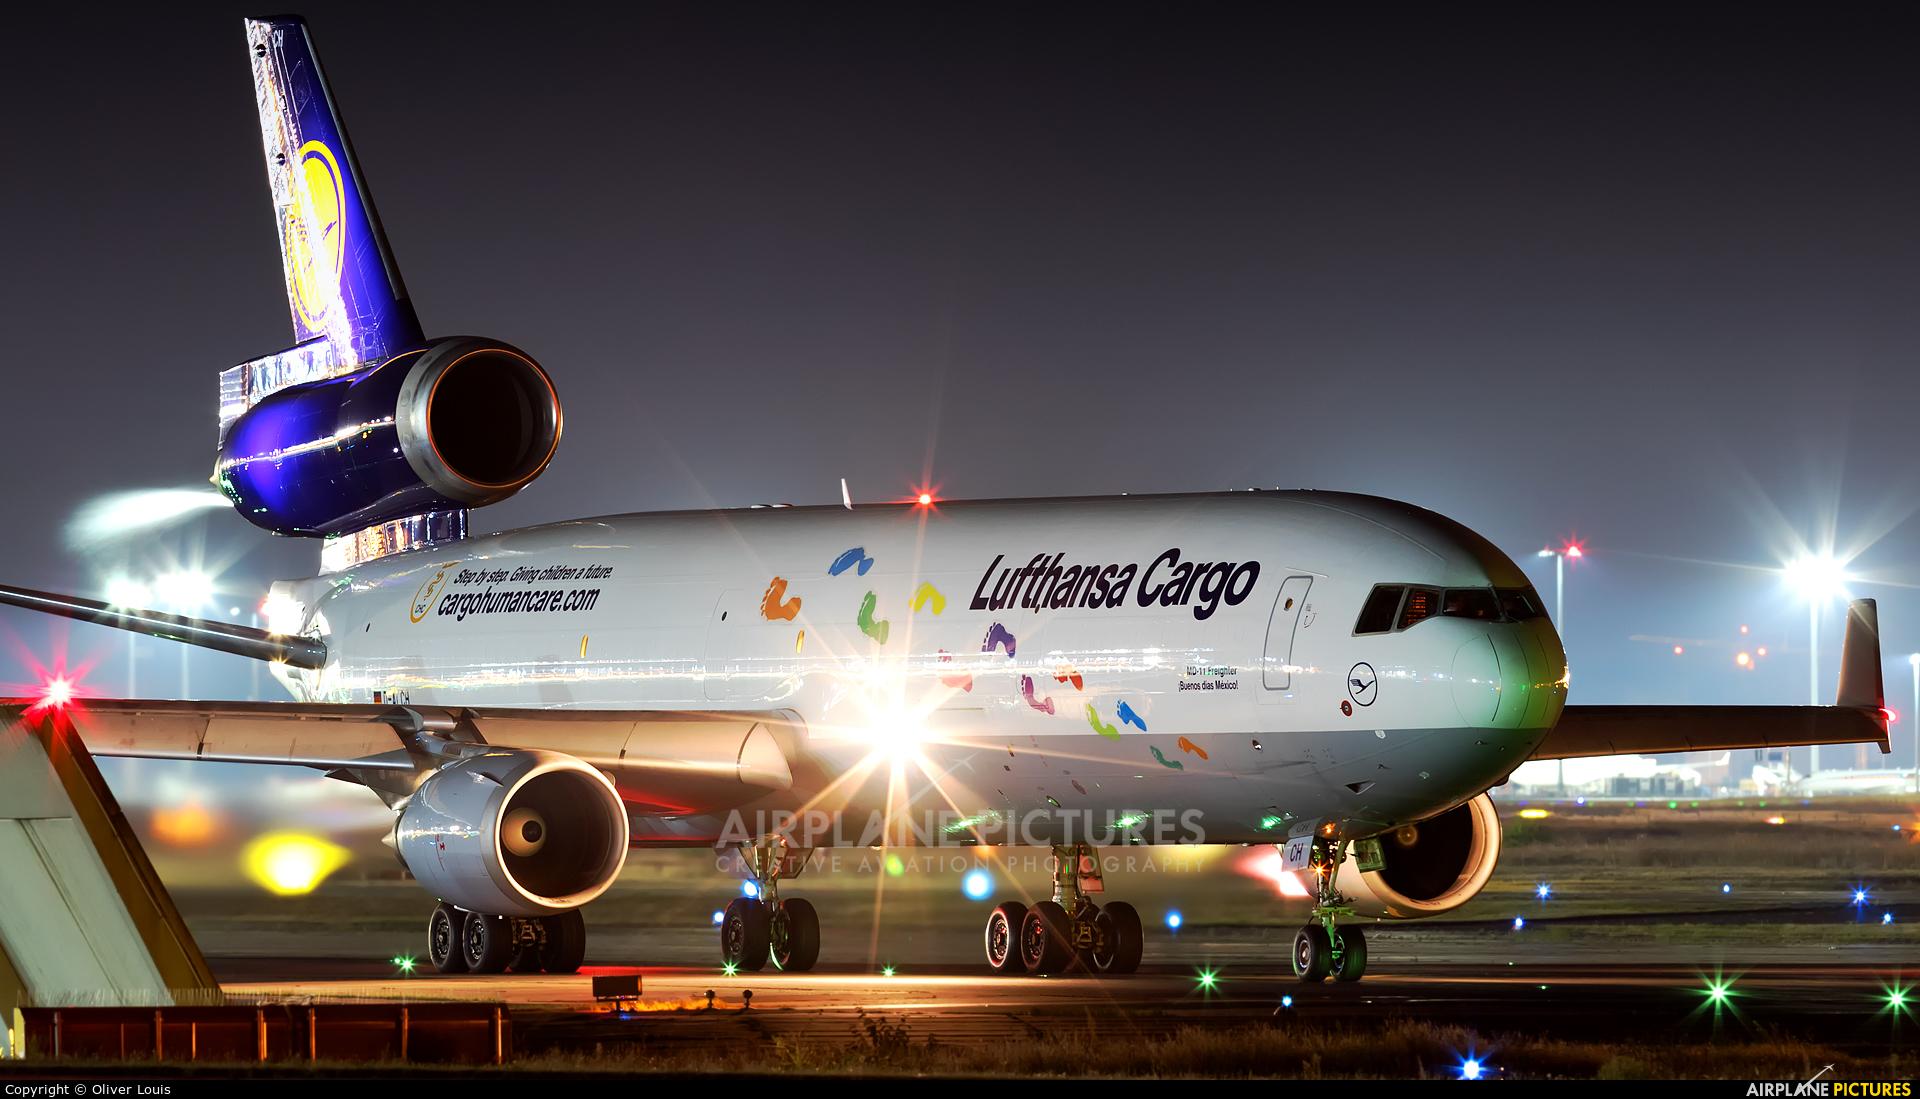 Lufthansa Cargo D-ALCH aircraft at Frankfurt